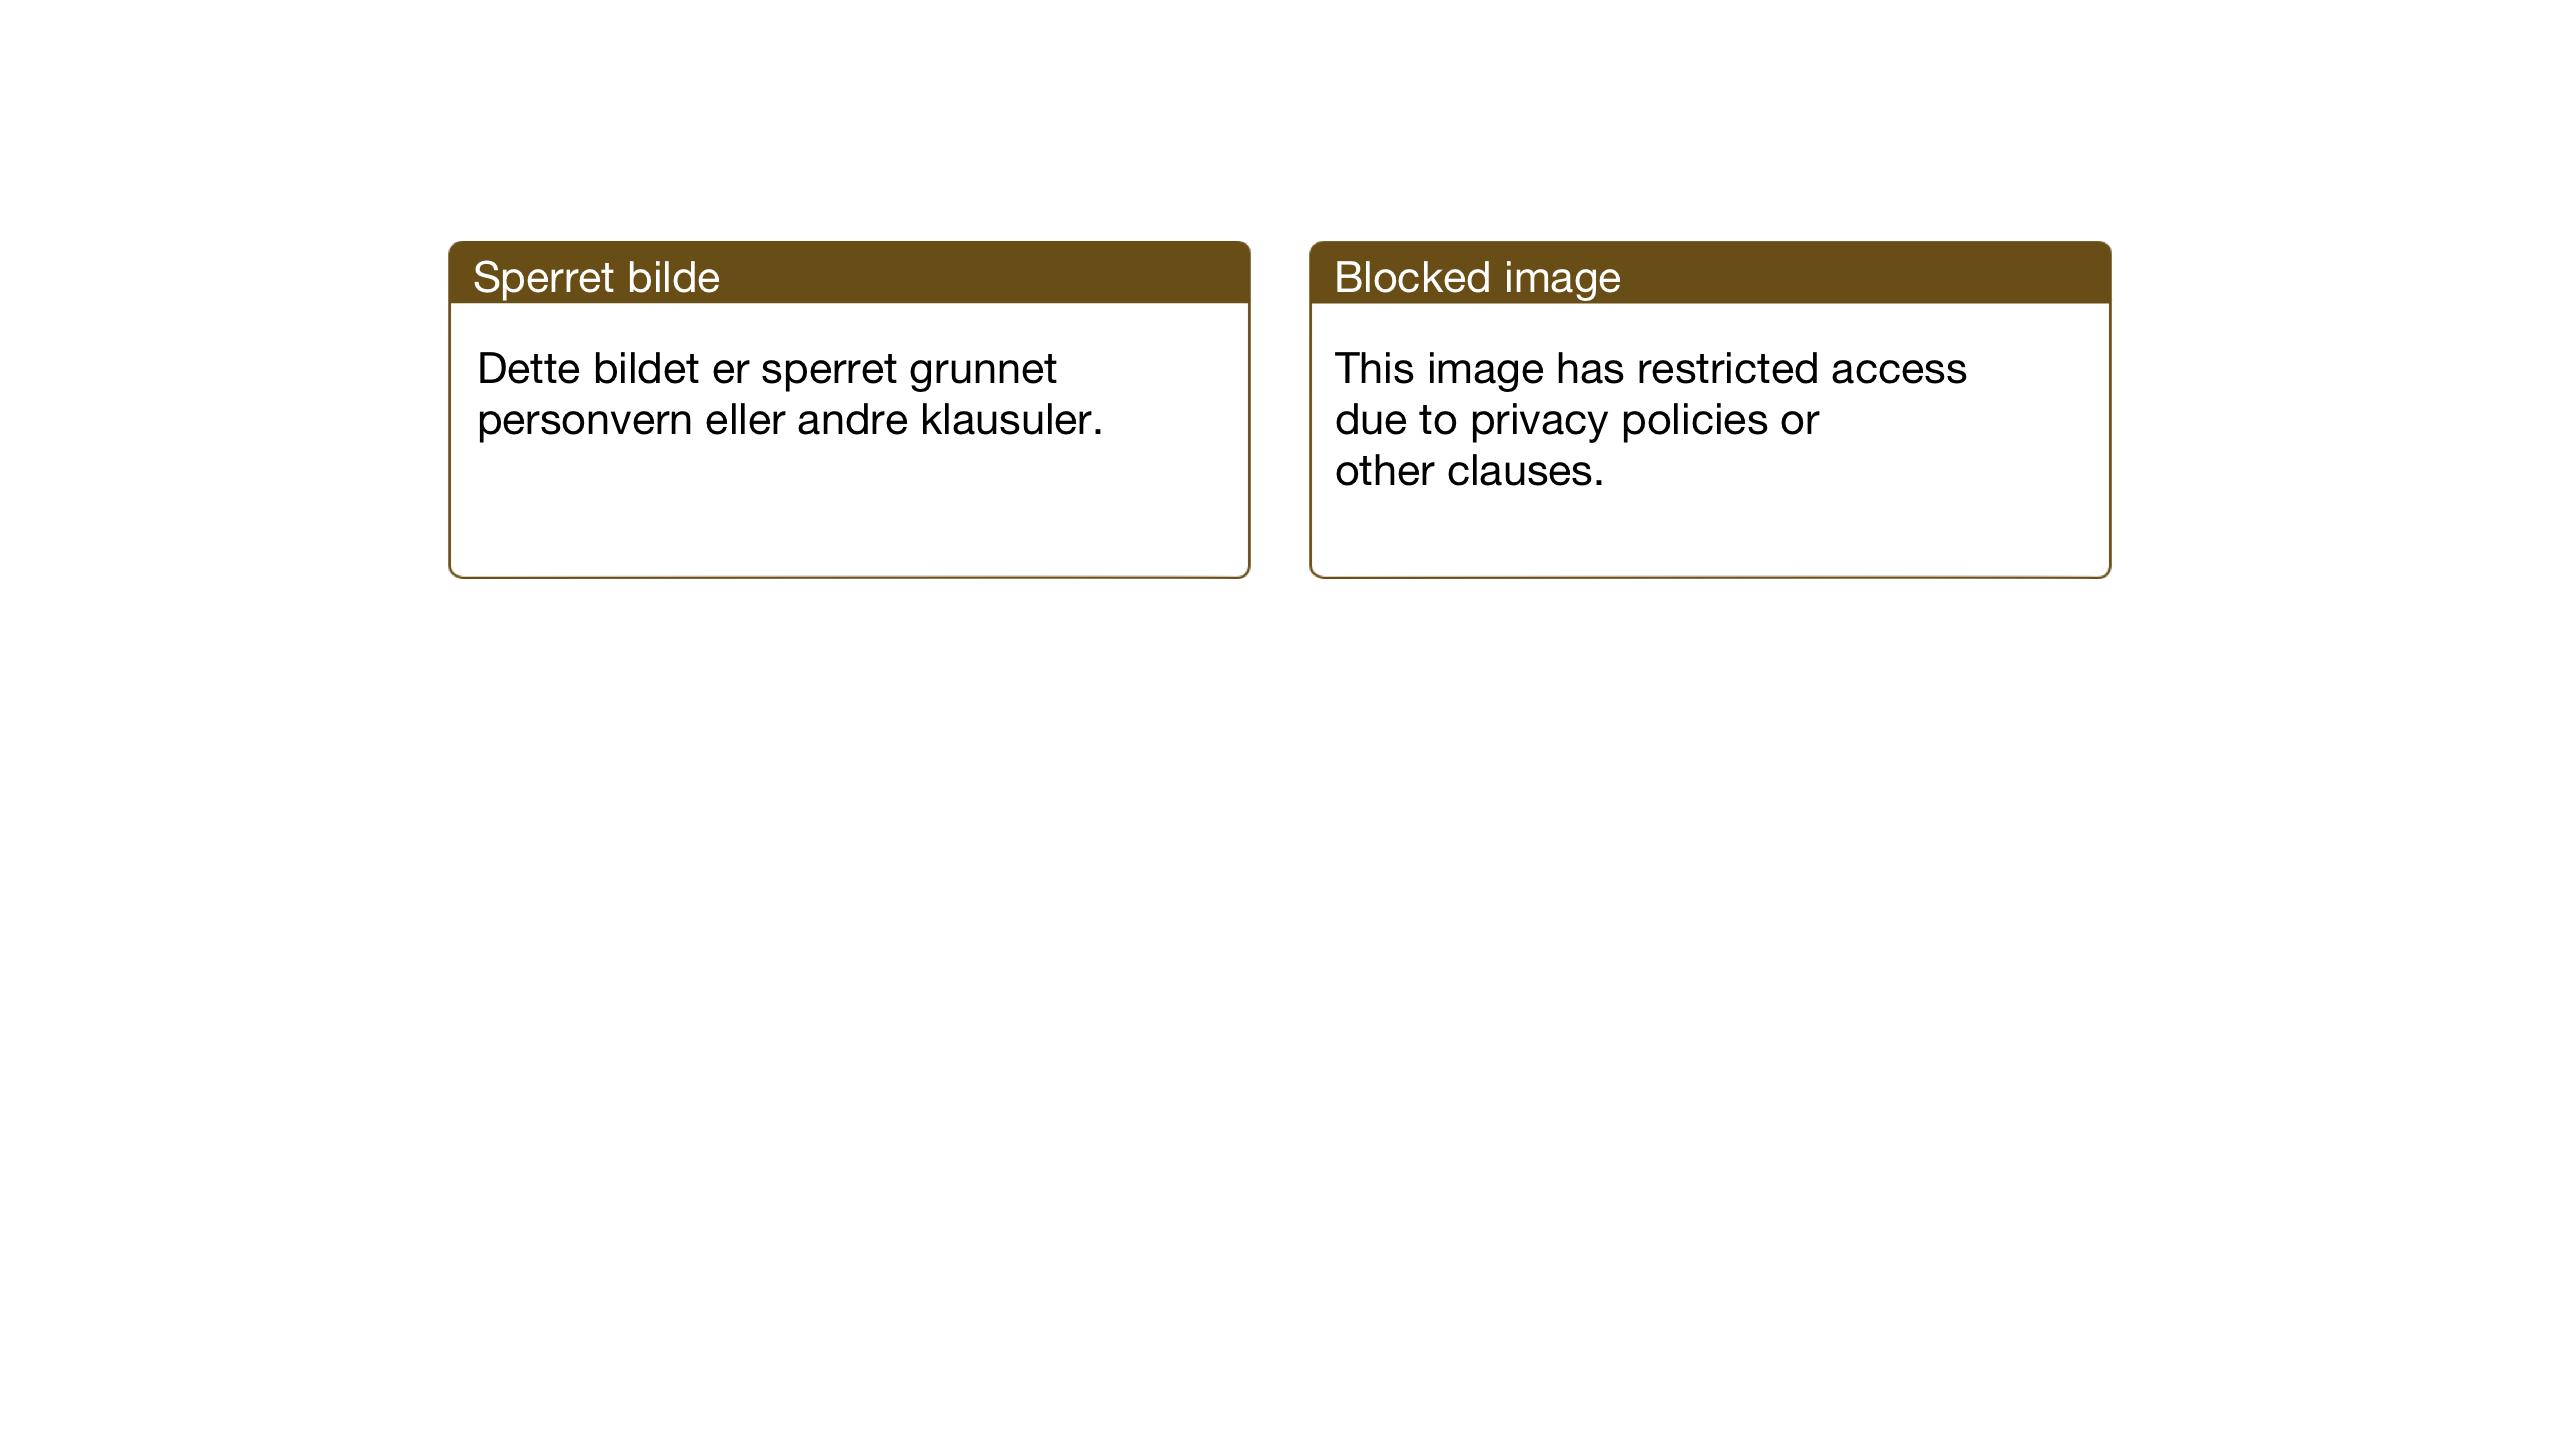 SAT, Ministerialprotokoller, klokkerbøker og fødselsregistre - Sør-Trøndelag, 674/L0878: Klokkerbok nr. 674C05, 1941-1950, s. 134